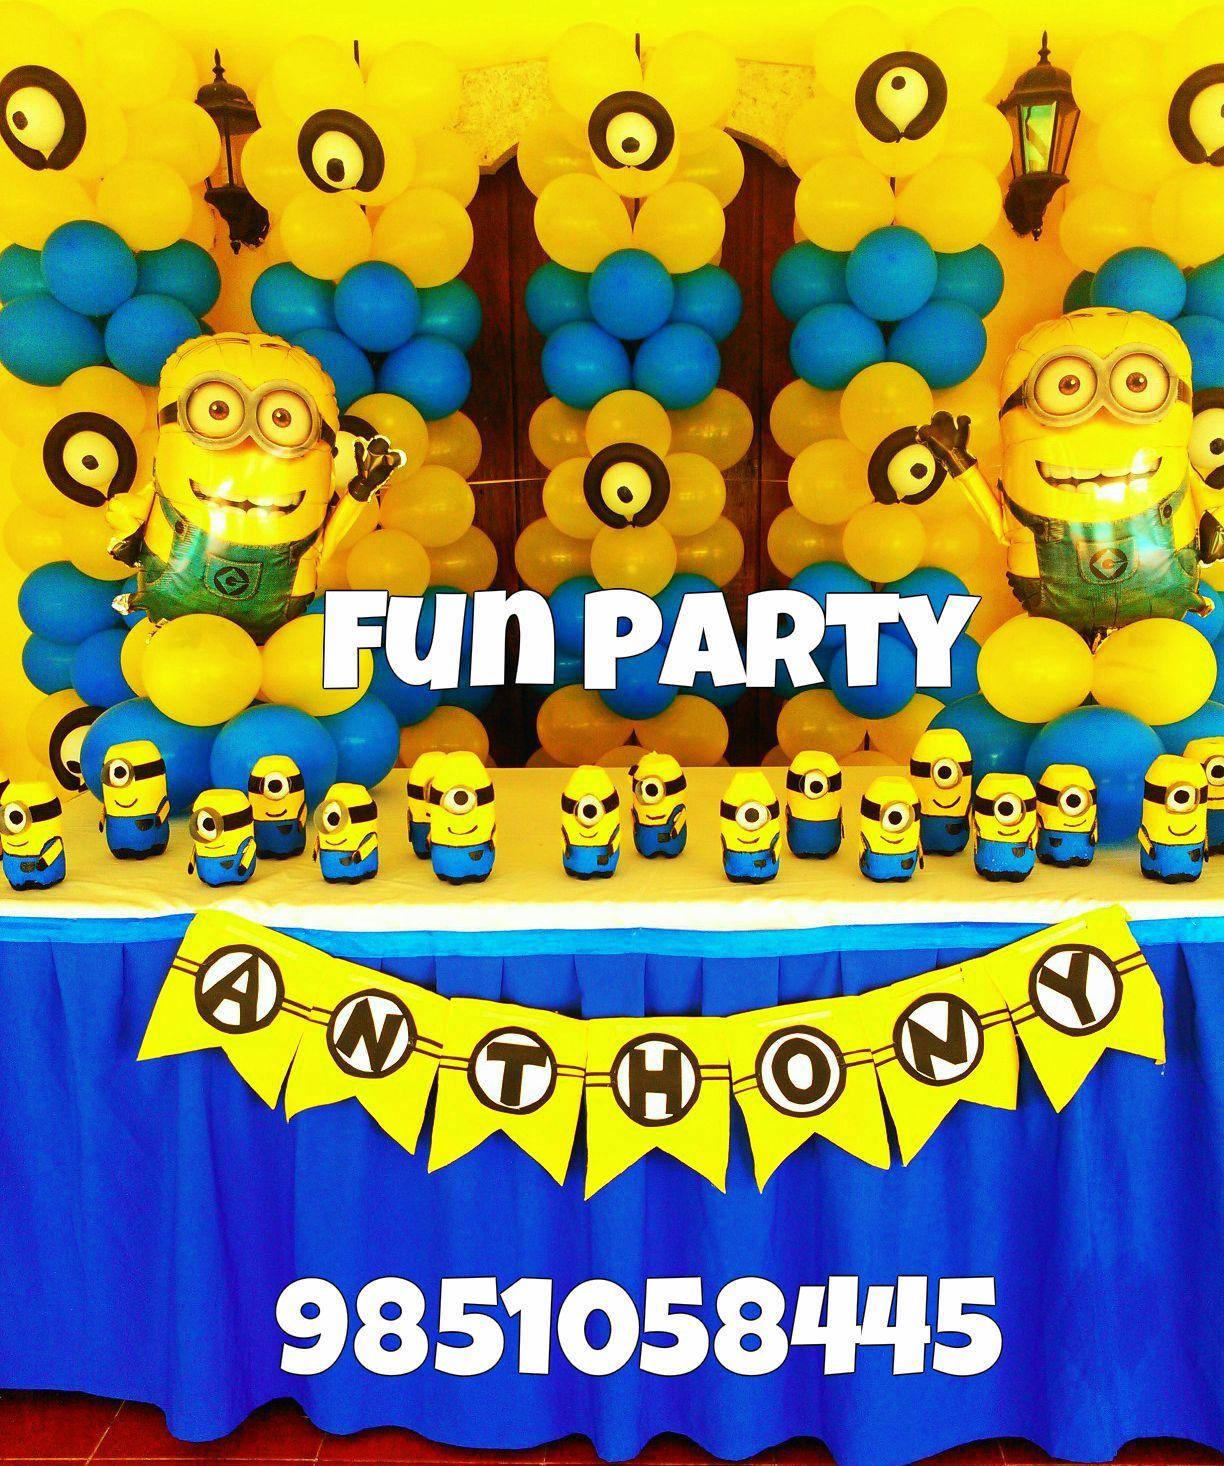 Minions Decoracion Para Fiestas ~ fiesta de minions!!  fiestas infantiles  Pinterest  Minions and